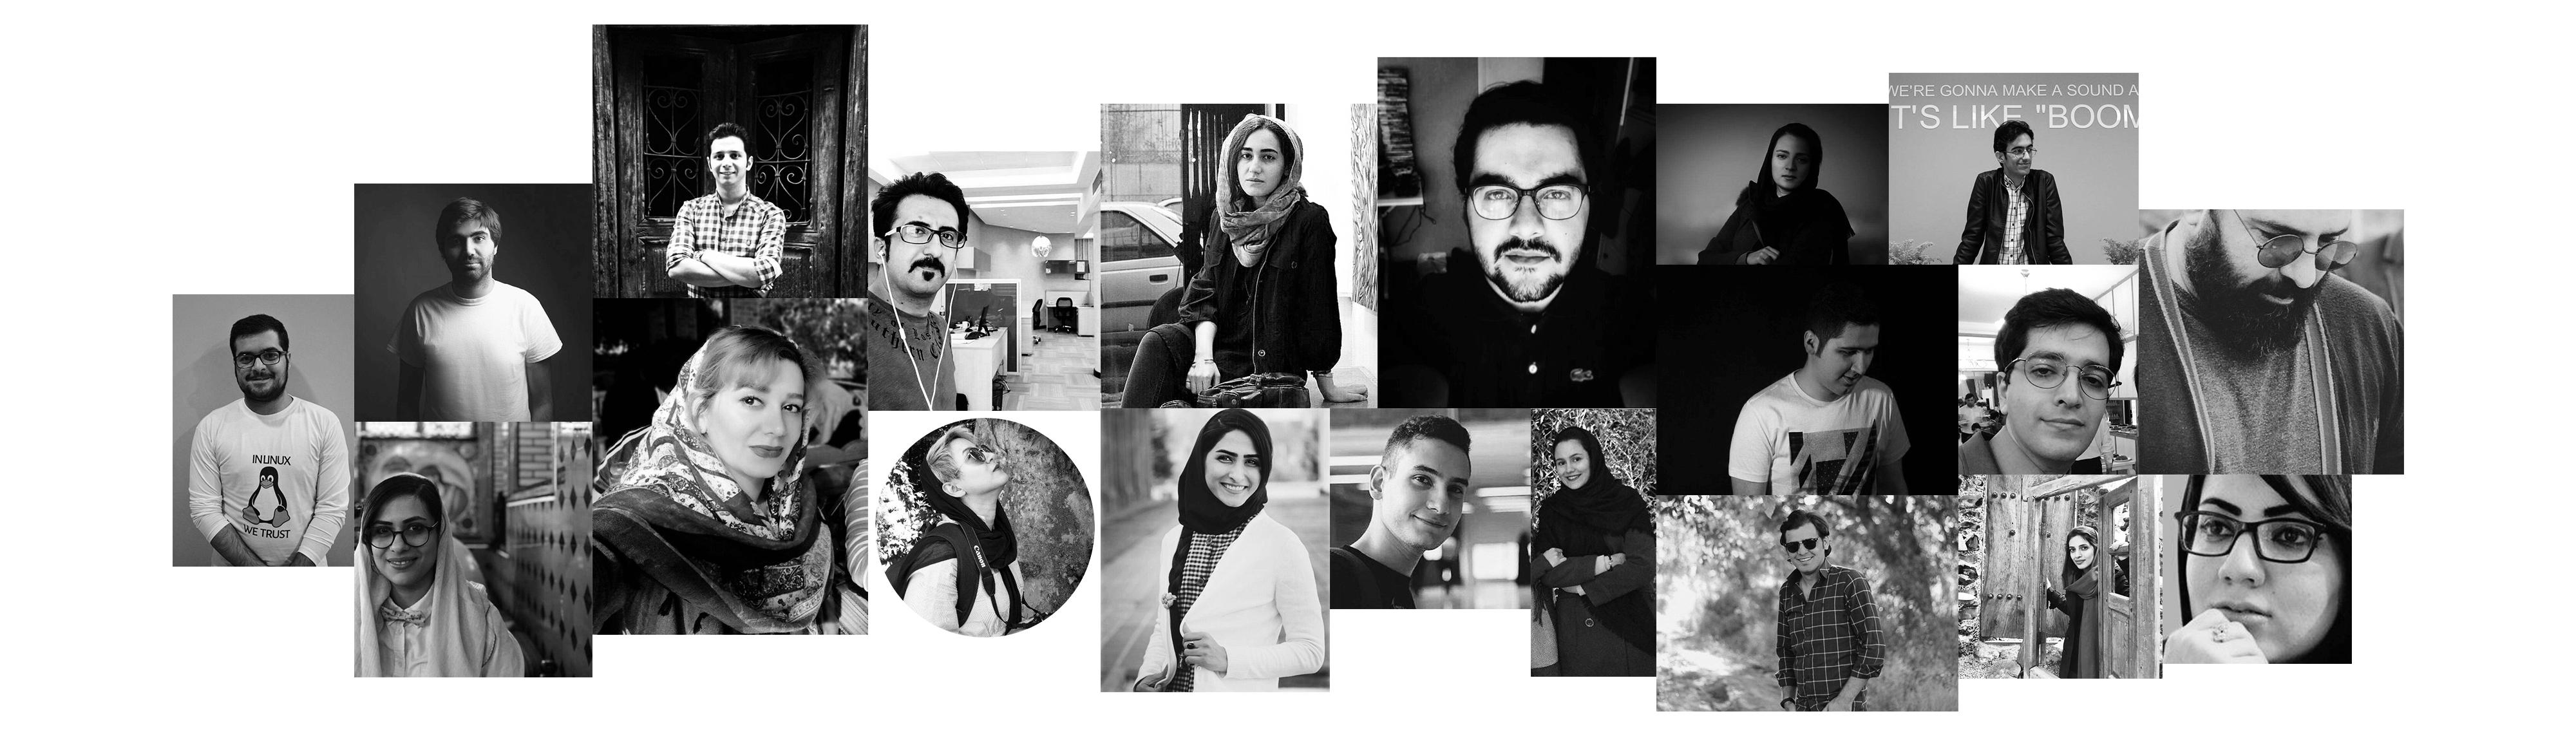 دیزاین جذاب: مصاحبه ای کوتاه با 20 متخصص